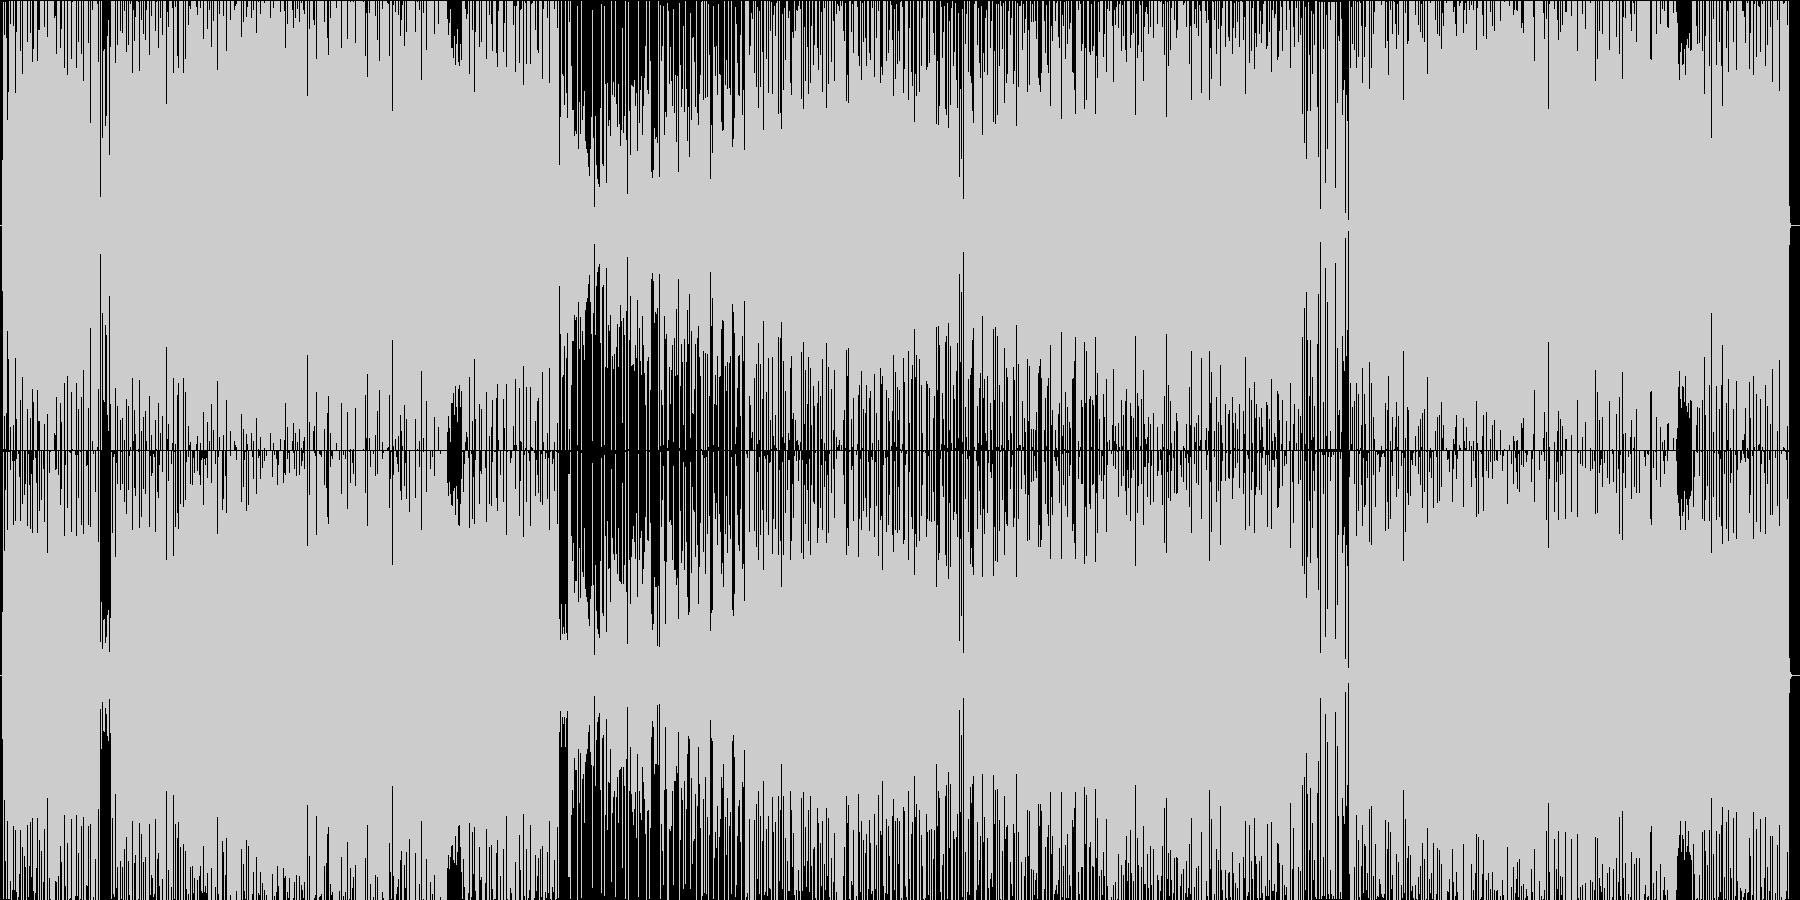 トリッキーなキメのフュージョンの未再生の波形